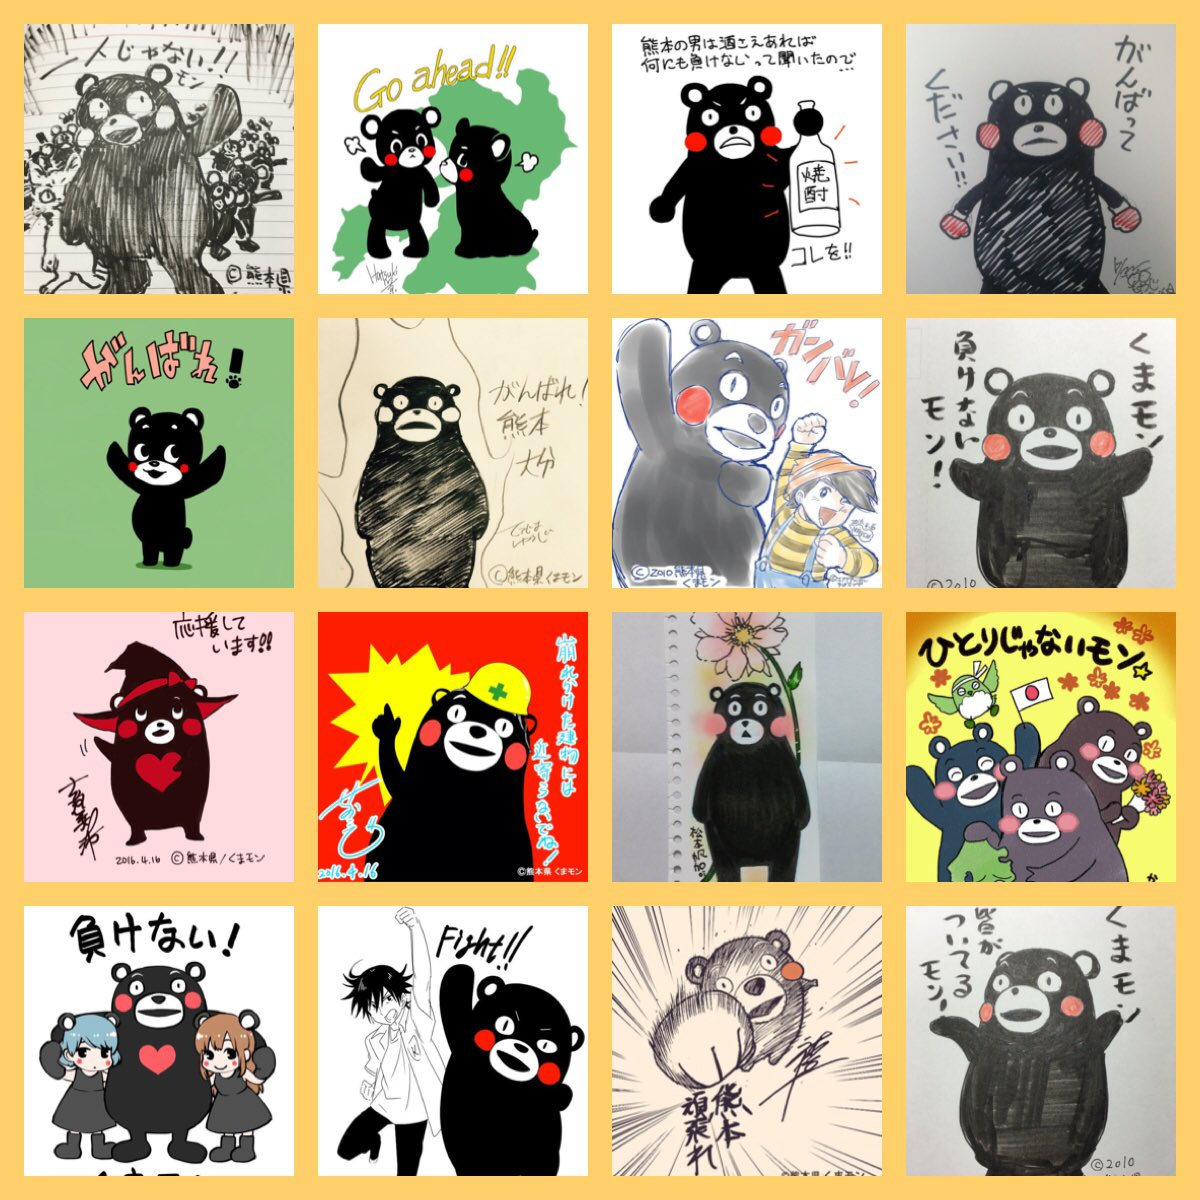 福島を漫画の力で応援してくれている漫画家の森川ジョージさんやちばてつやさんらが熊本のみなさんを応援する活動を始めました。熊本に届け! #くまモン頑張れ絵 https://t.co/zYx5g3D4jY